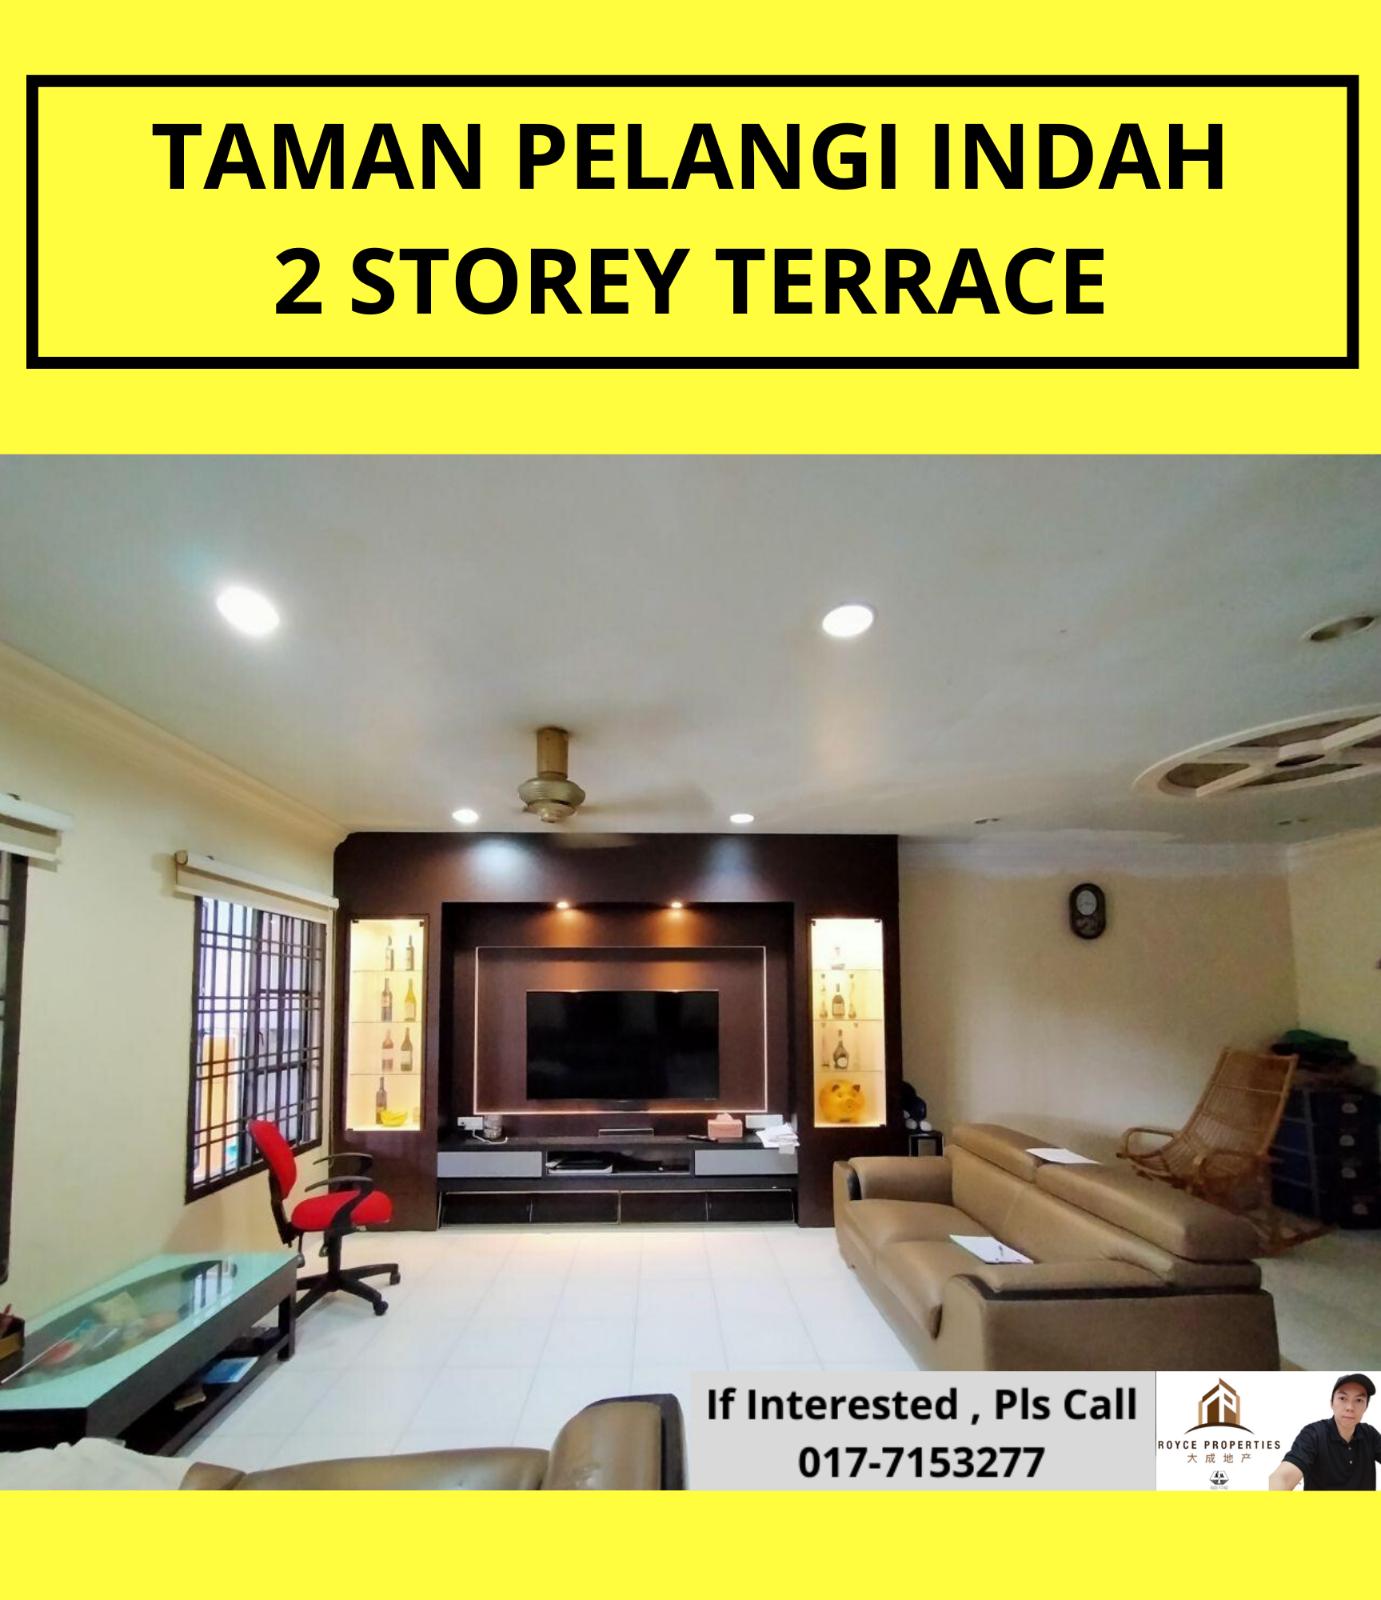 Taman Pelangi Indah Jalan Jelita 2 Storey Terrace